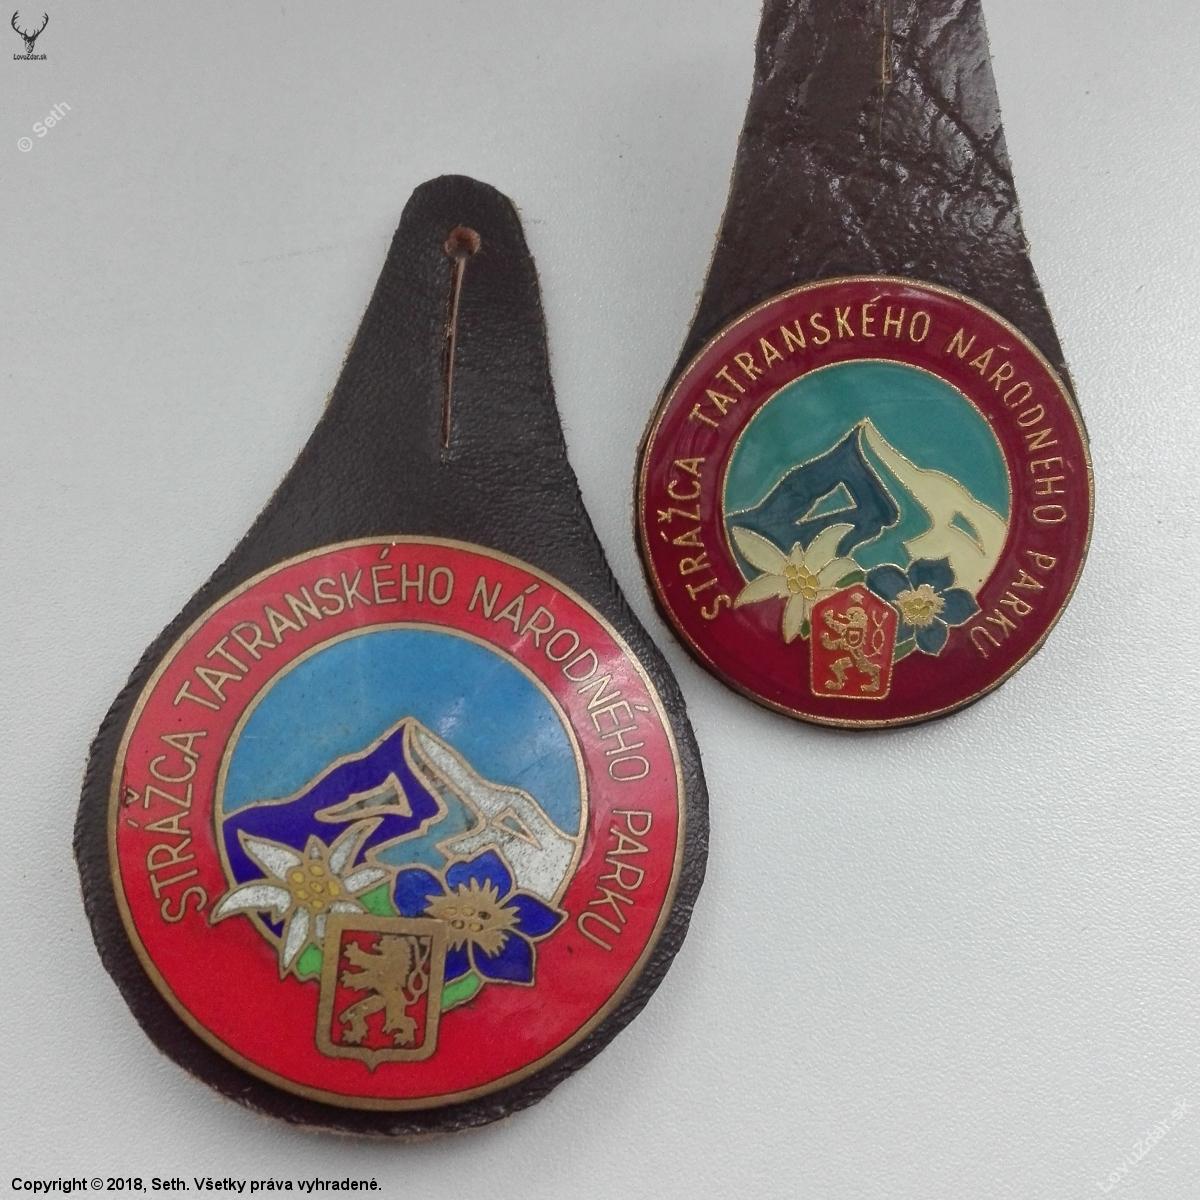 654efac5f Odznaky - poľovnícka fotografia, fotka, poľovnícke foto #338820 ...